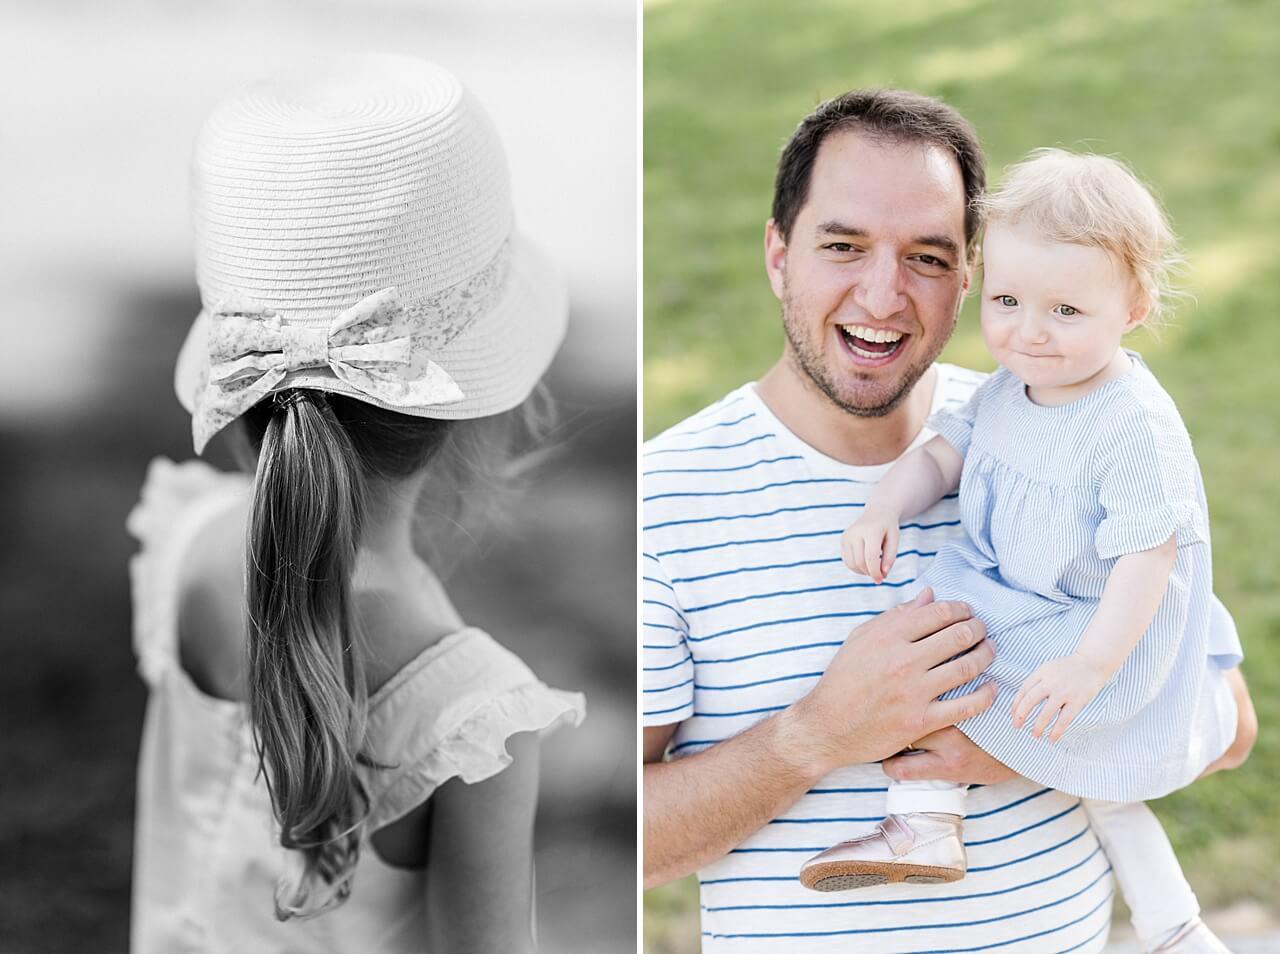 Rebecca Conte Fotografie: Sommerliche Familienbilder im Abendlicht 14